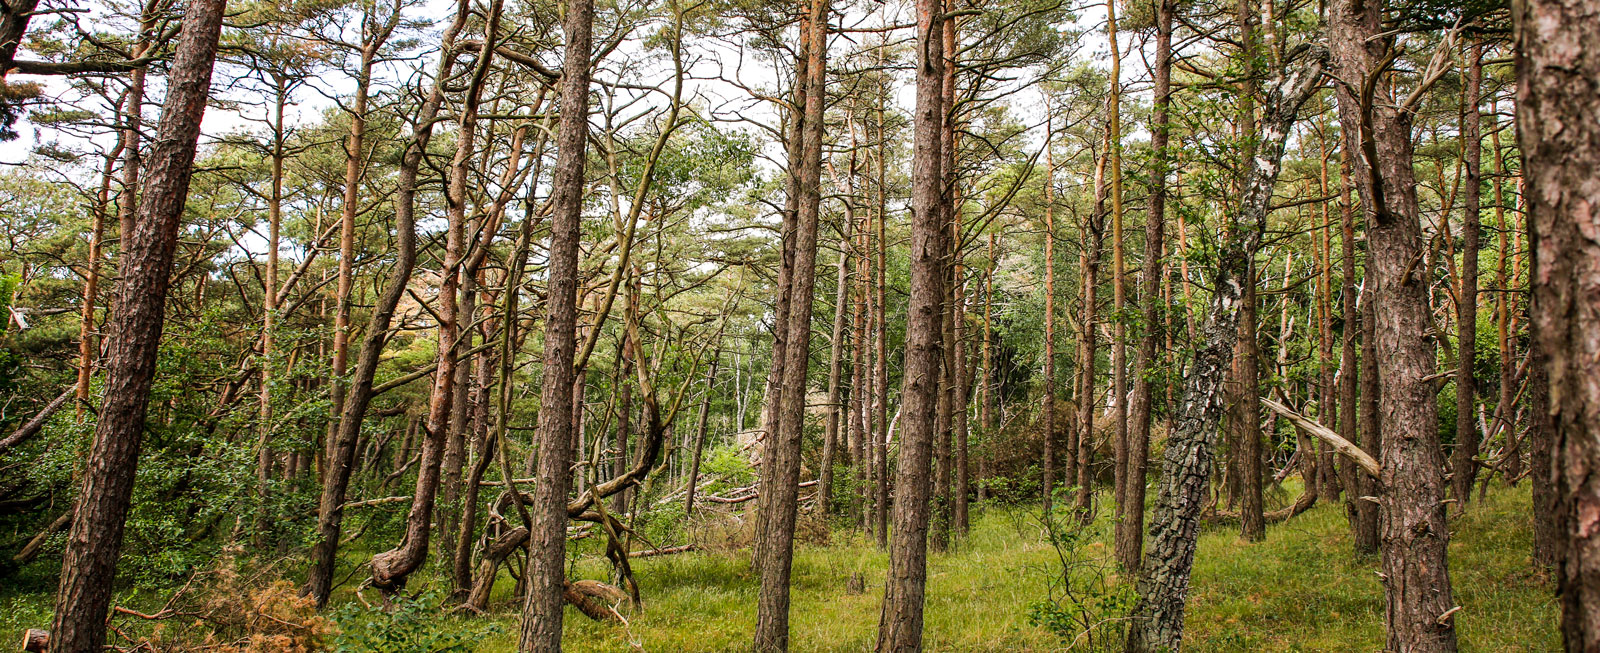 Tallskogarna är öppna, ljusa och träden växer i vindens riktning.